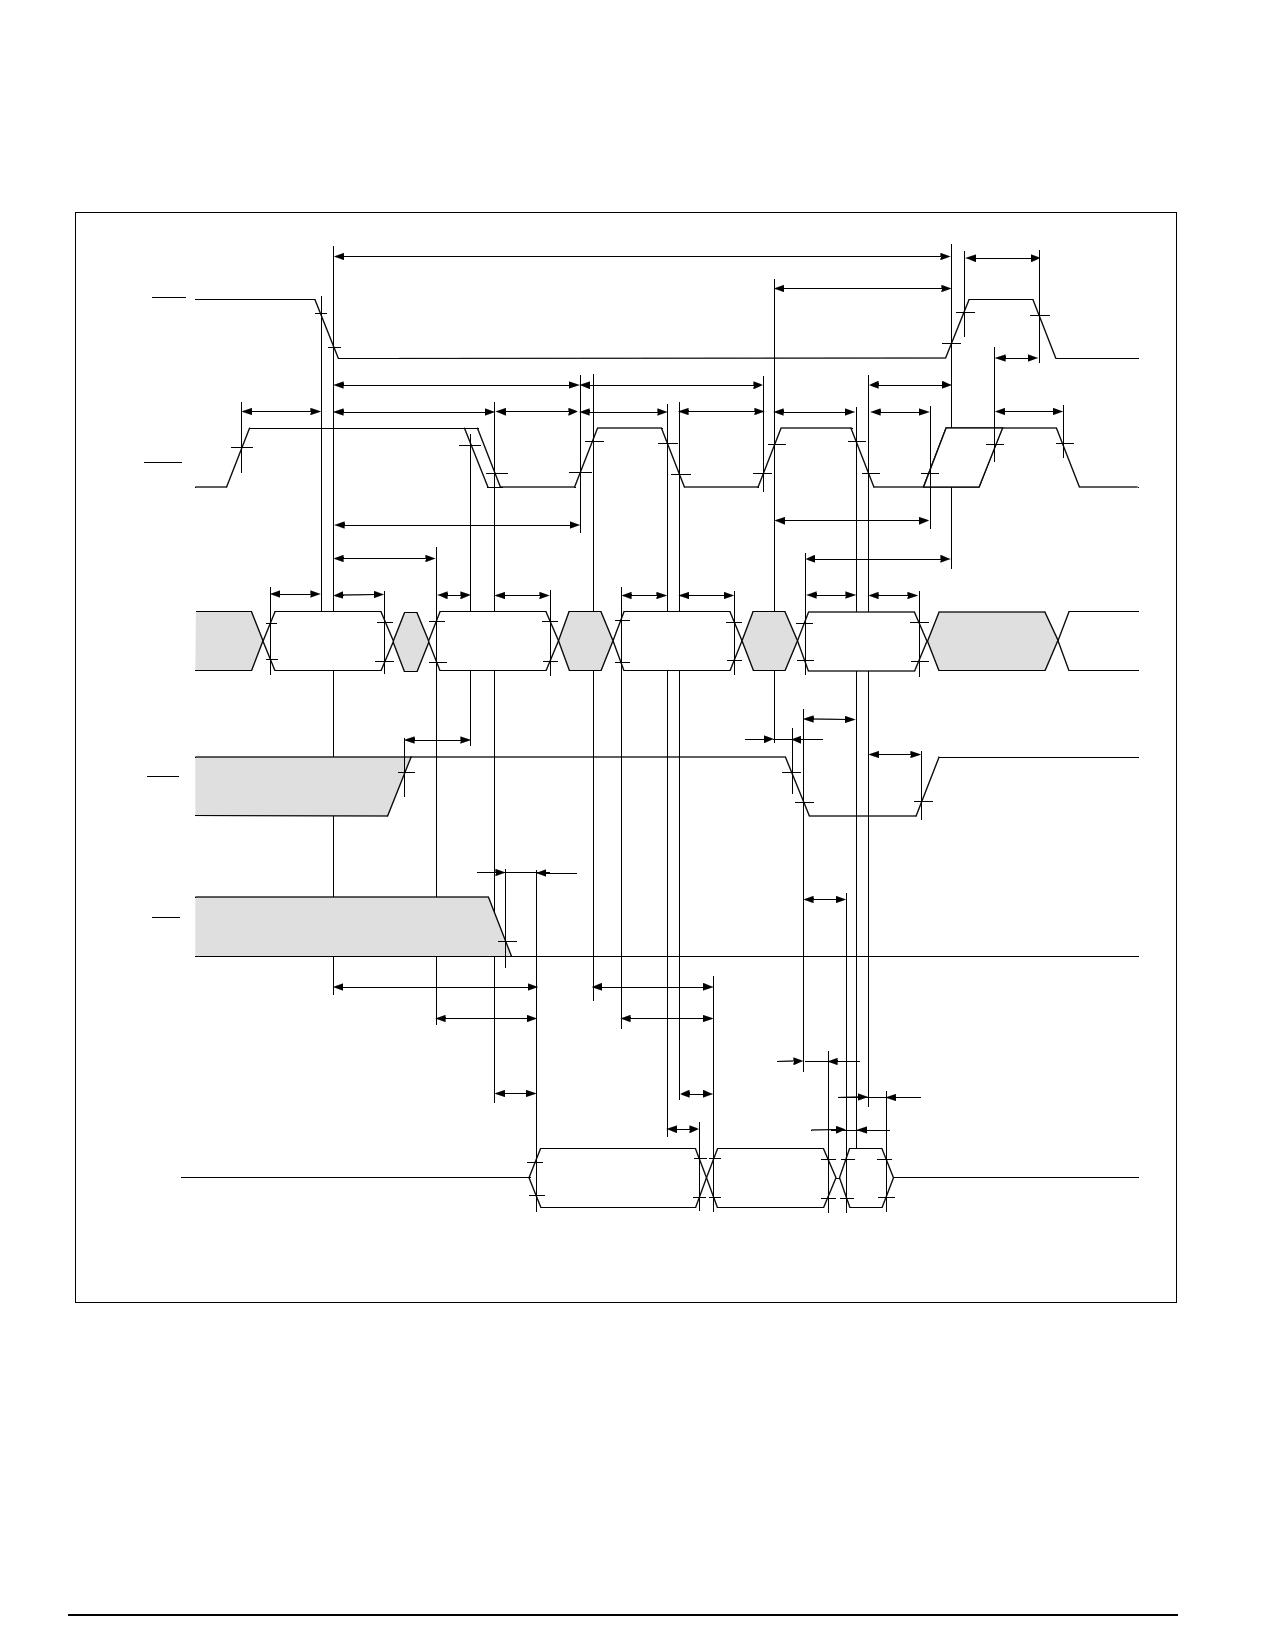 AD401M81VTA-5 transistor, igbt